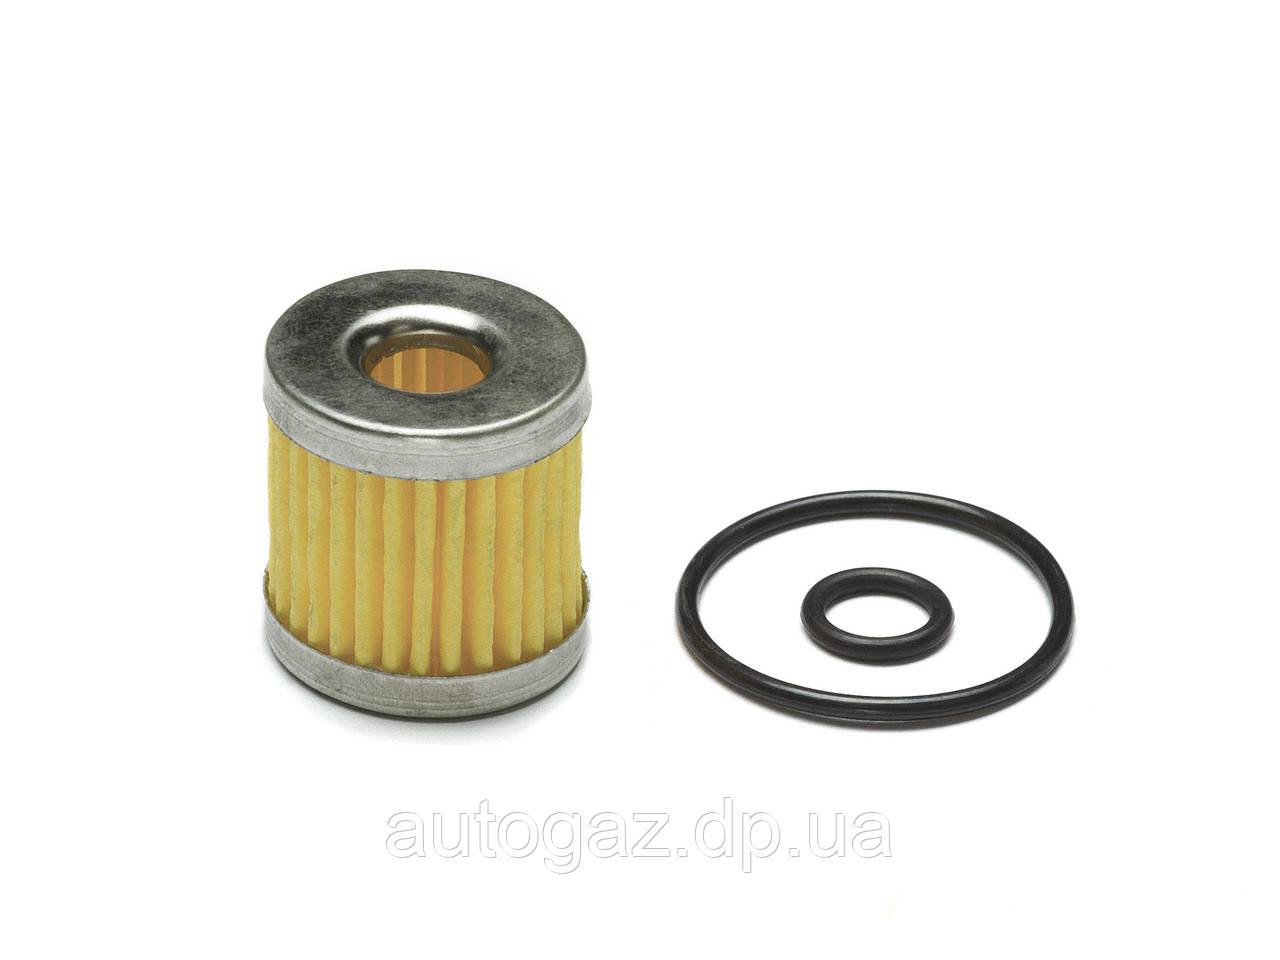 23-1 фильтр в г/к OMB с 2 резинками (шт.)